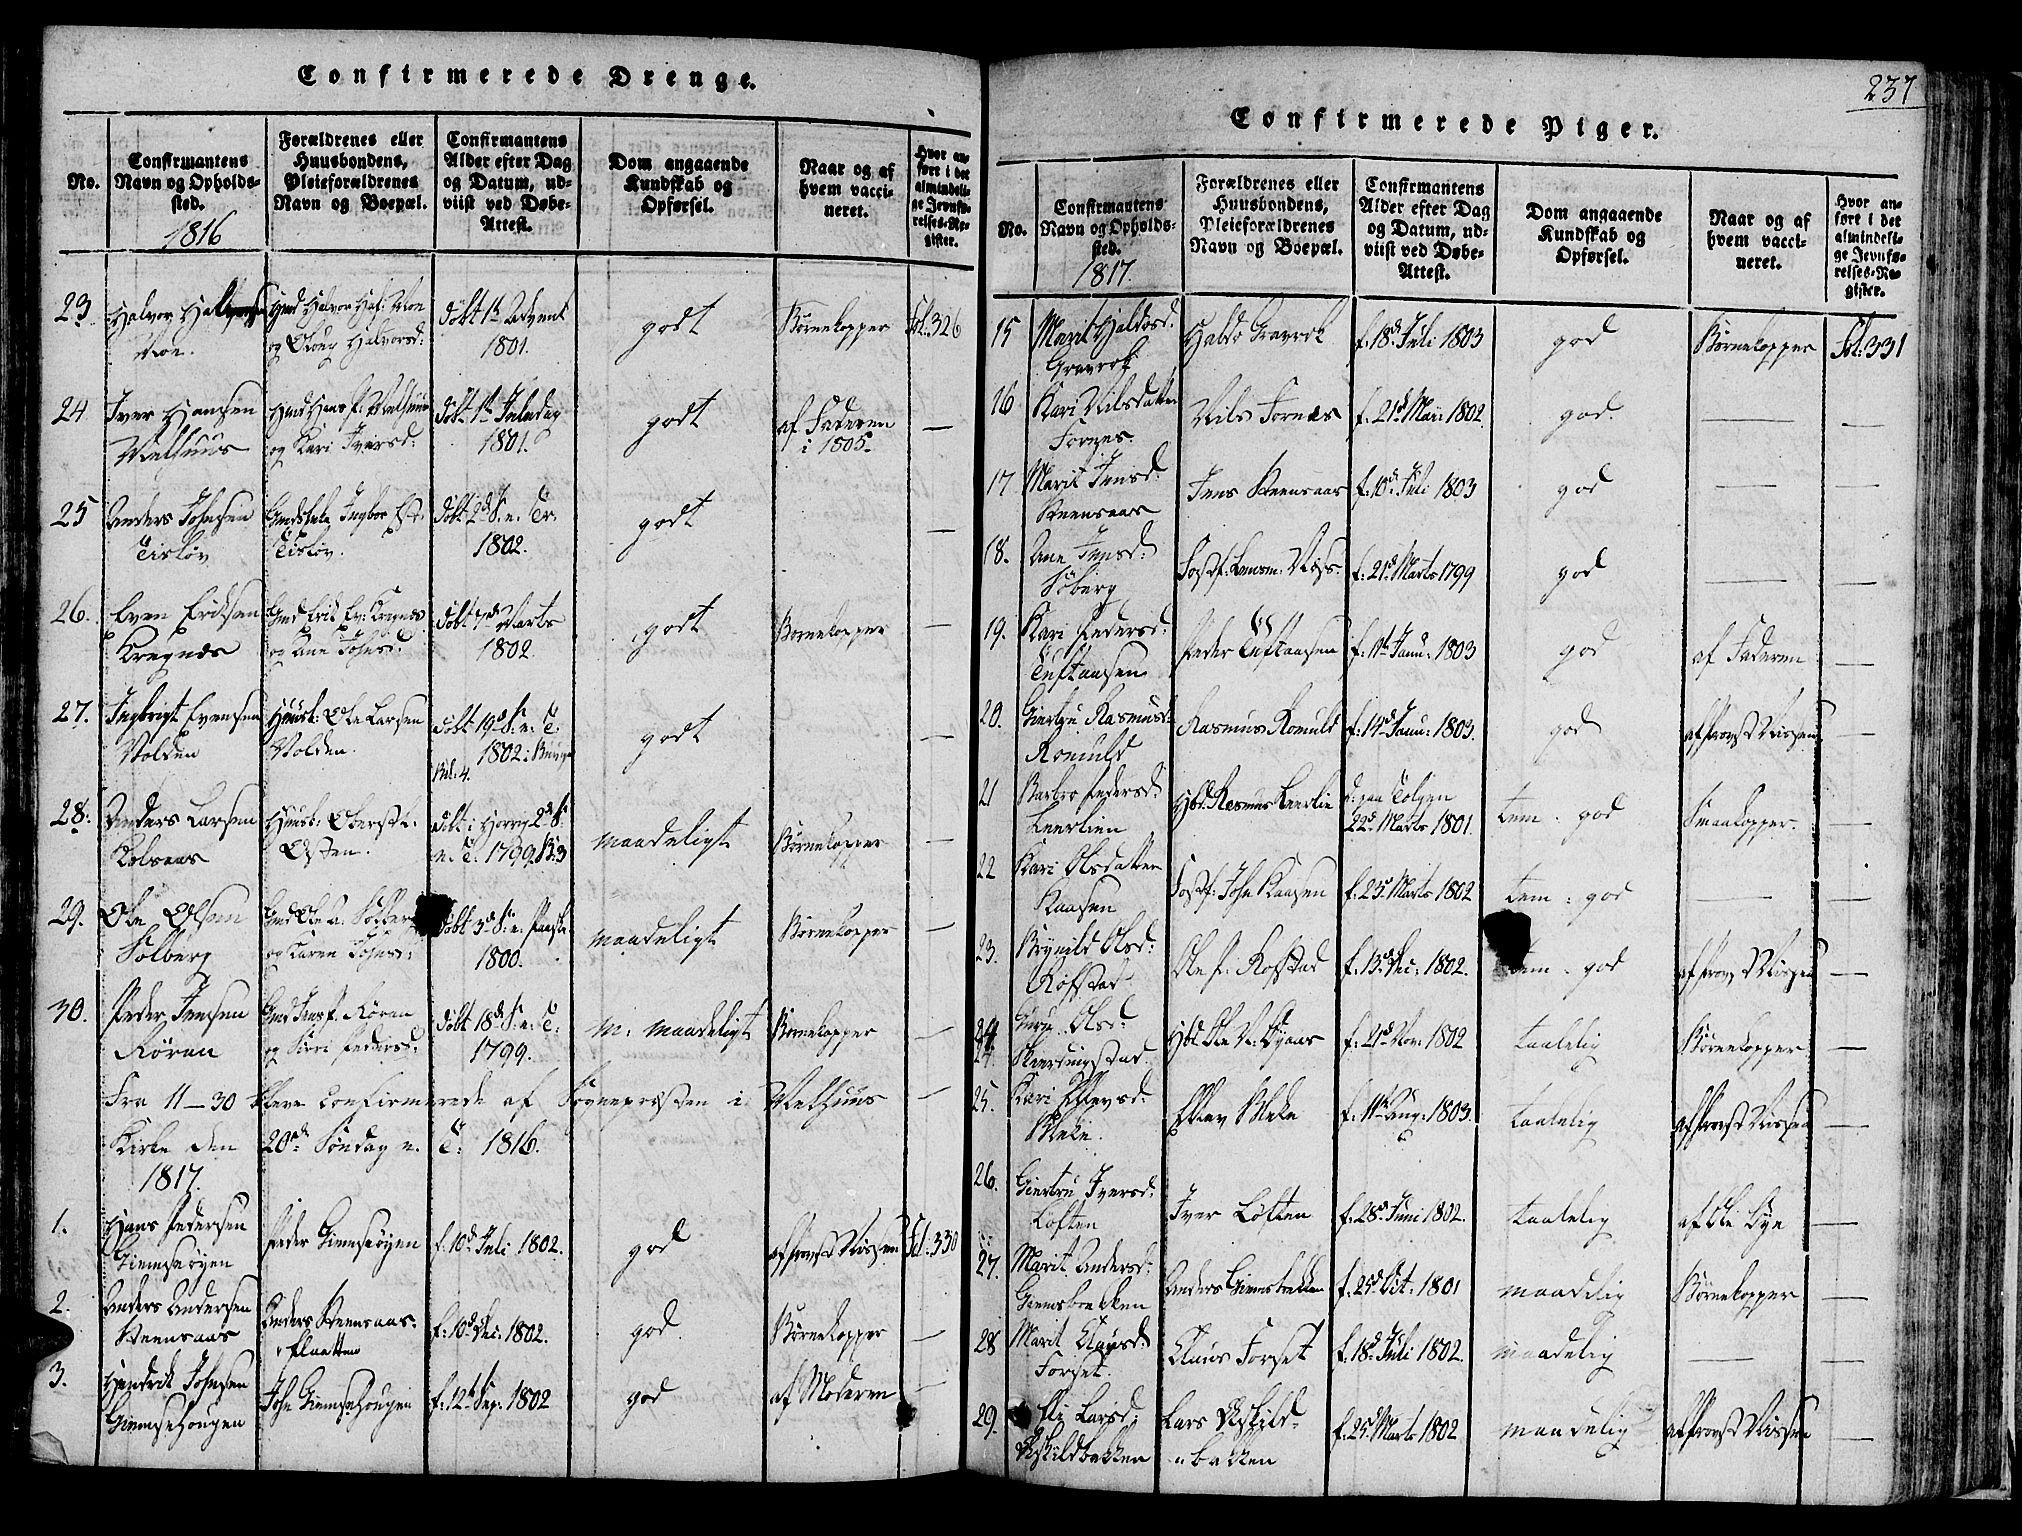 SAT, Ministerialprotokoller, klokkerbøker og fødselsregistre - Sør-Trøndelag, 691/L1065: Ministerialbok nr. 691A03 /1, 1816-1826, s. 237